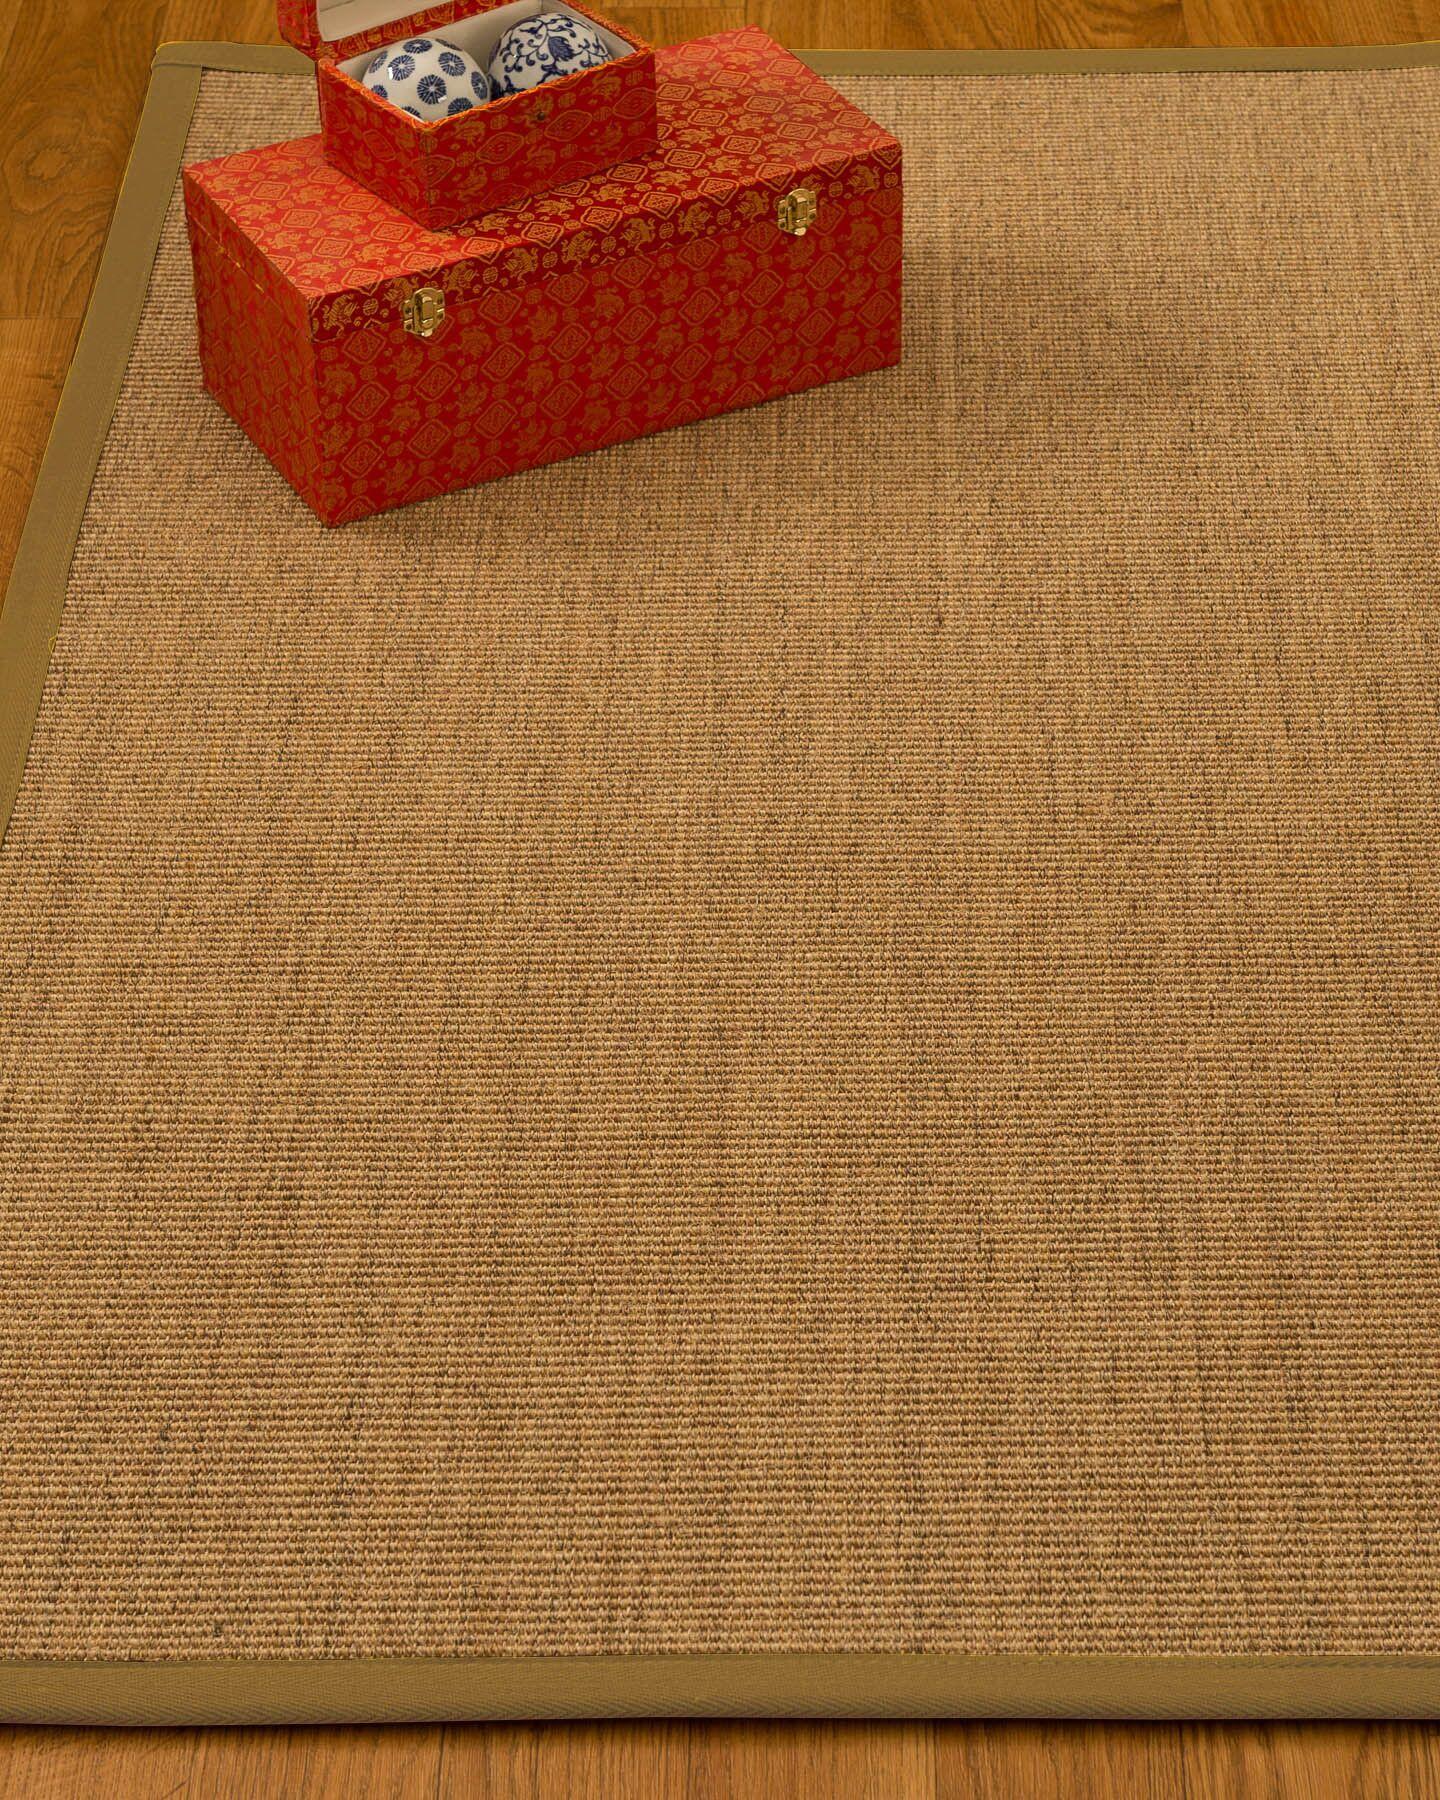 Kimberlin Hand-Woven Beige Area Rug Rug Size: Rectangle 12' x 15'